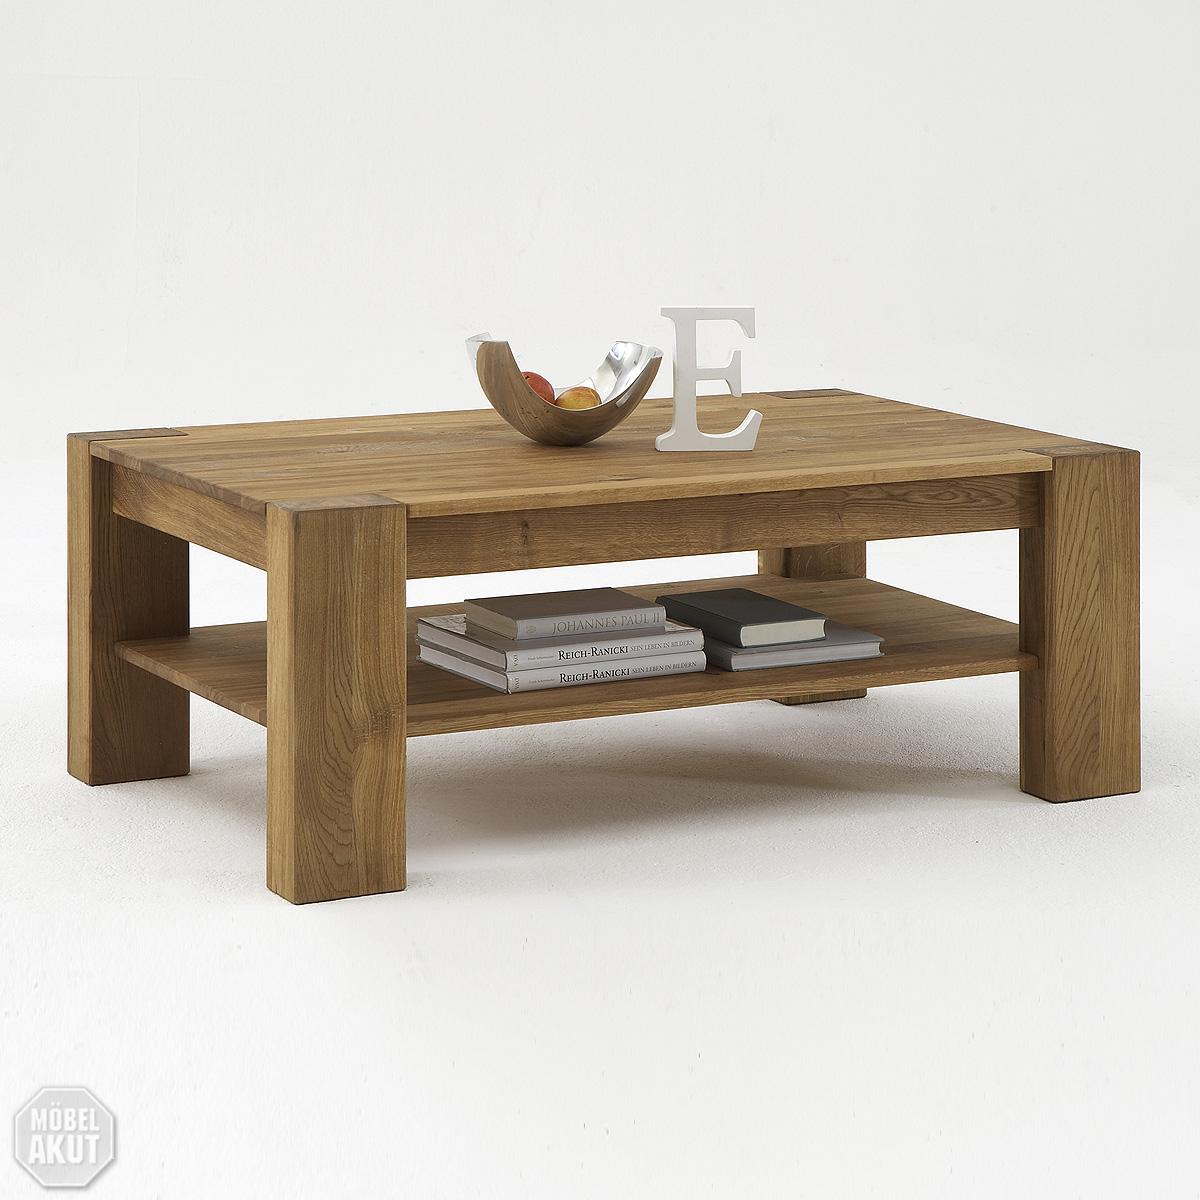 couchtisch siva tisch in wild eiche massiv ge lt neu 120x70 ebay. Black Bedroom Furniture Sets. Home Design Ideas